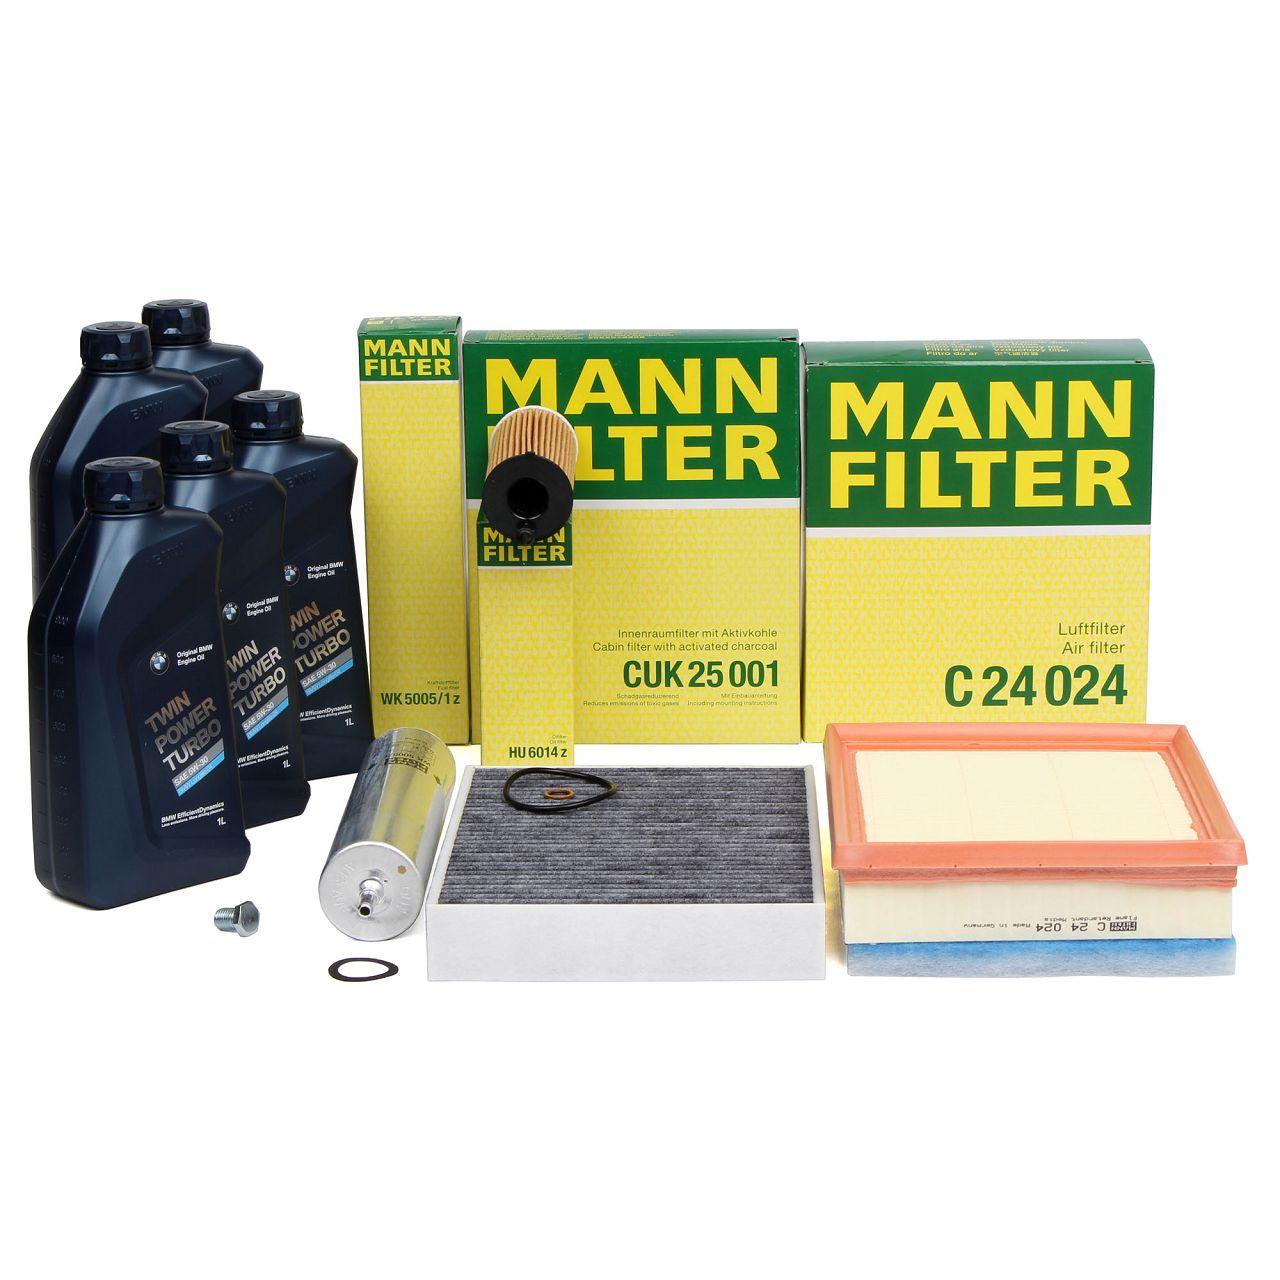 MANN Filterset + 5 L ORIGINAL BMW 5W30 Motoröl für 114-125d 218-225d 316-325d